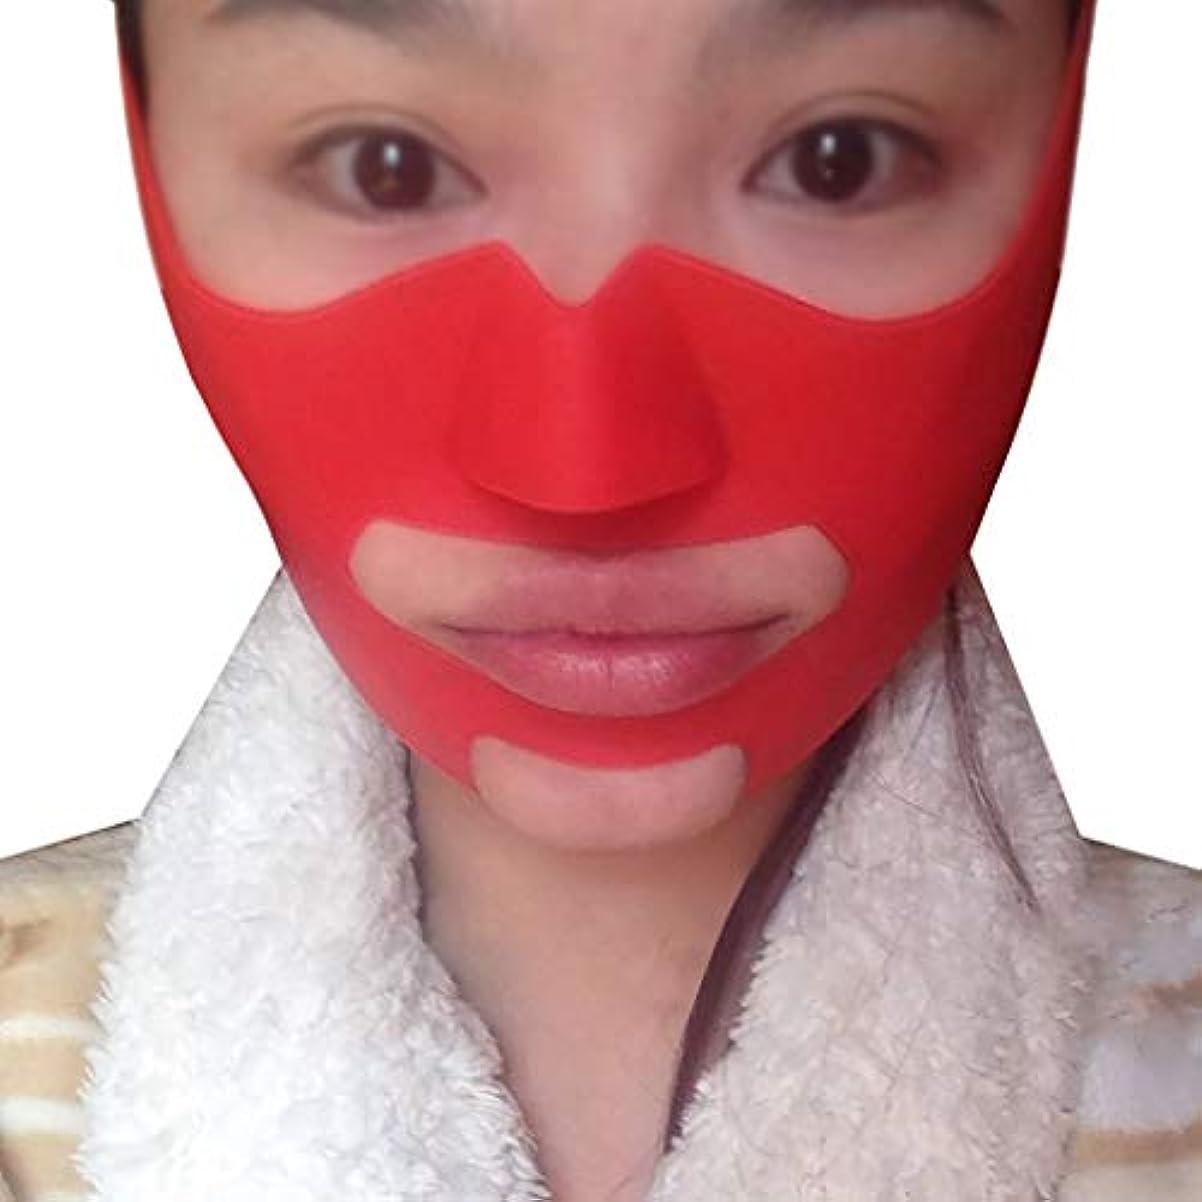 比べる多様な骨の折れるGLJJQMY 薄いフェイスマスクシリコーンVマスクマスク強い痩身咬合筋肉トレーナーアップル筋肉法令パターンアーティファクト小さなVフェイス包帯薄いフェイスネックリフト 顔用整形マスク